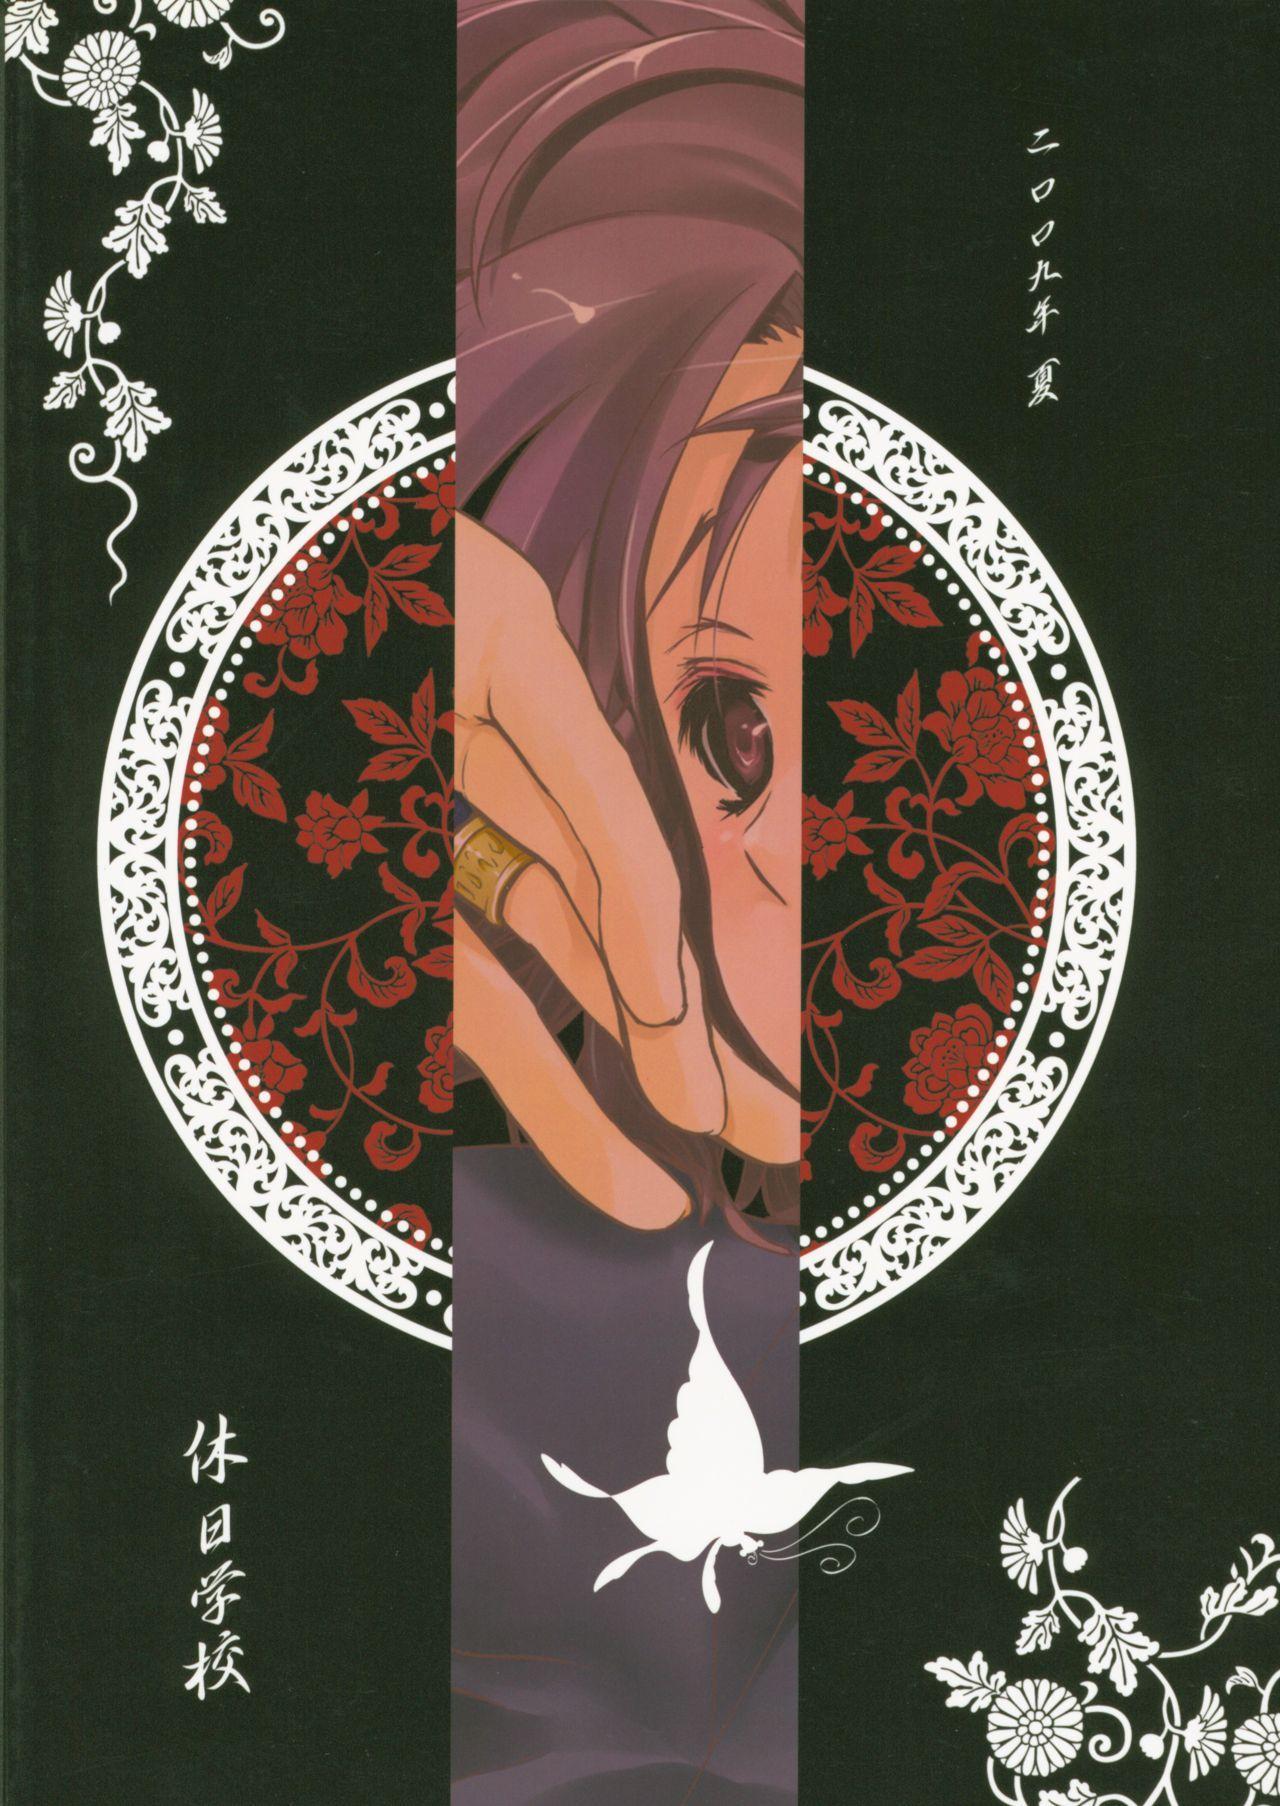 Iromatsuyoibana | Sensual night flower 41